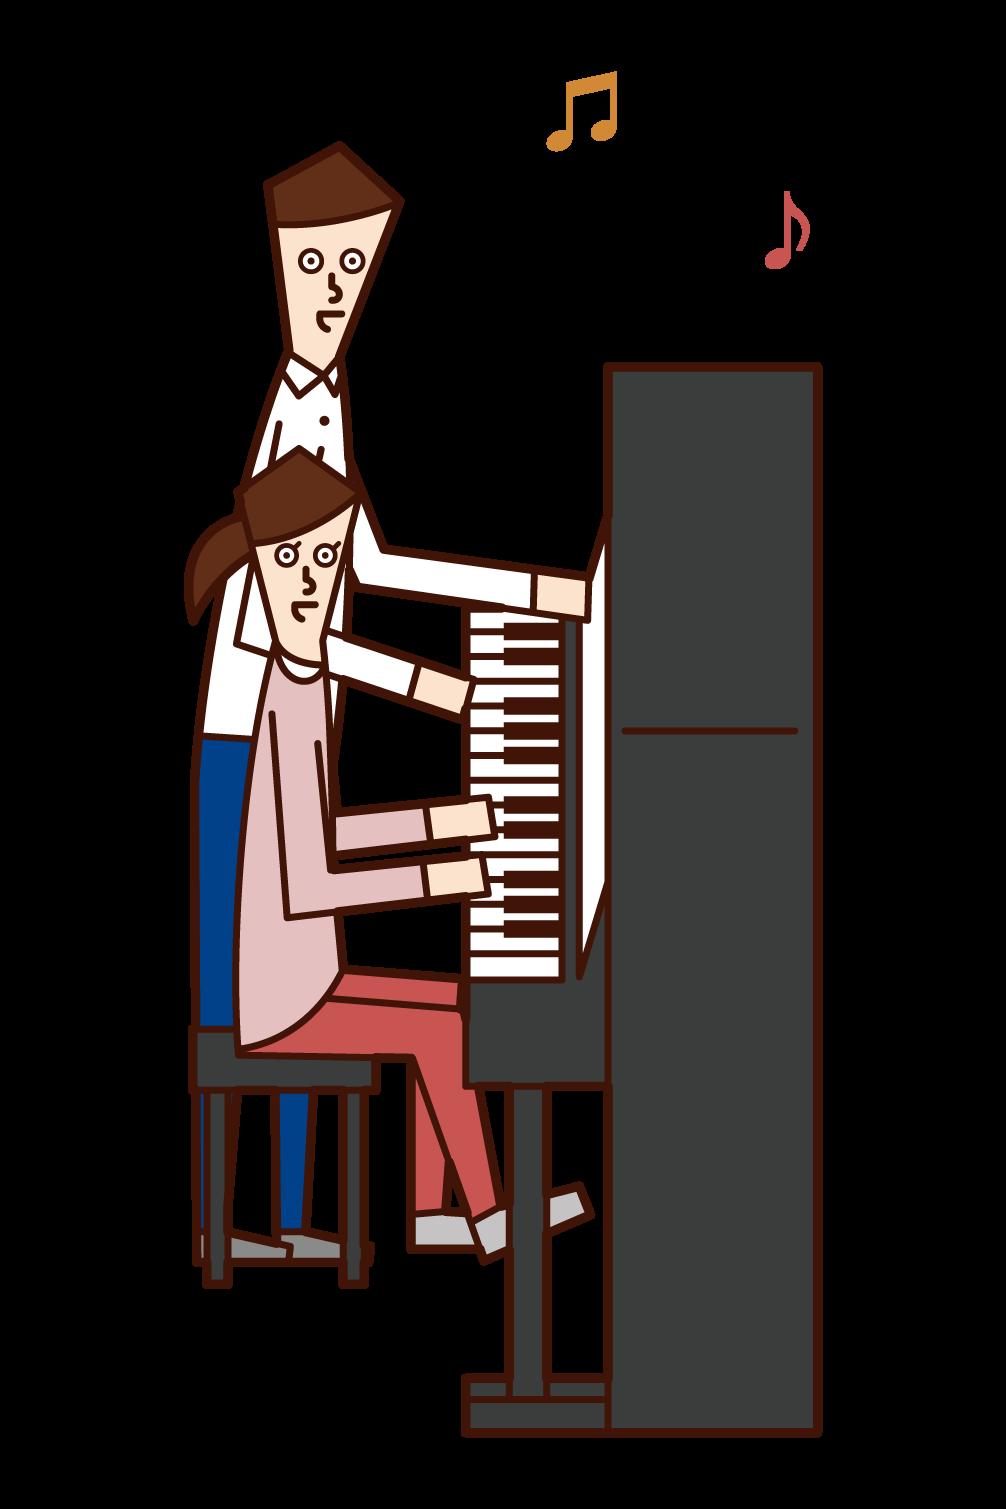 피아노 강사의 일러스트(남성)